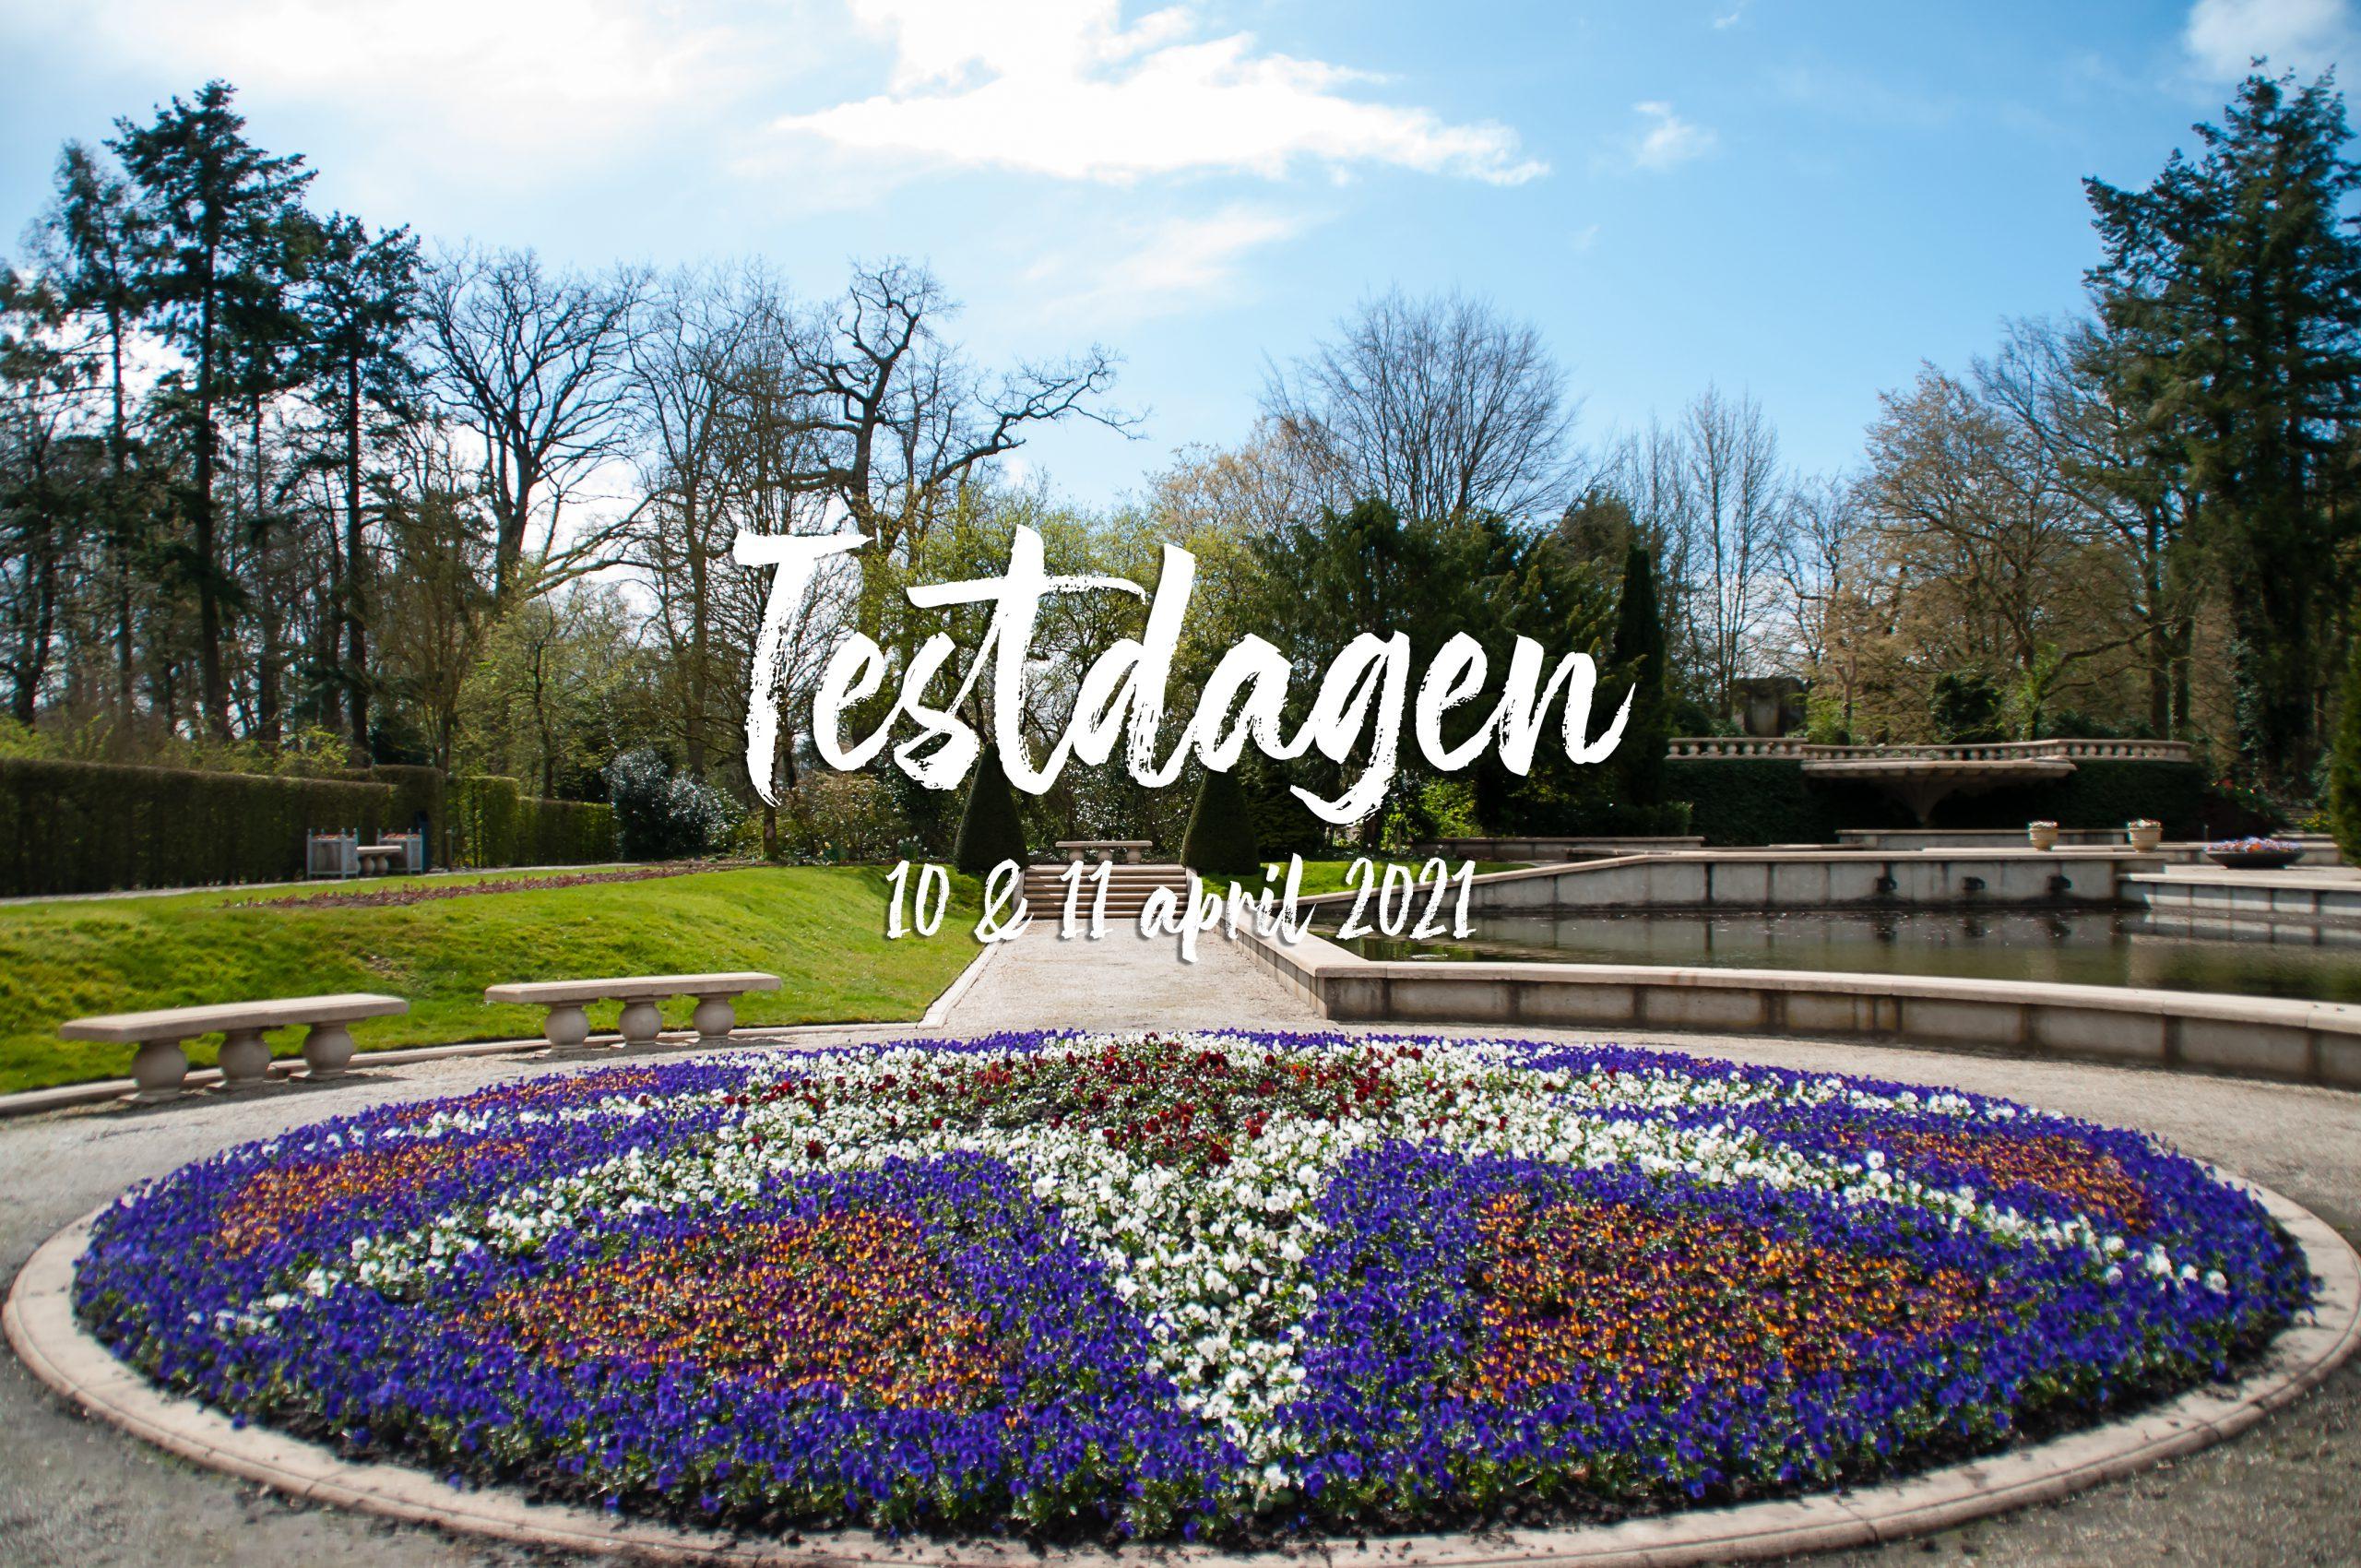 Kasteeltuinen Arcen opent op 10 en 11 april 2021 voor testdagen